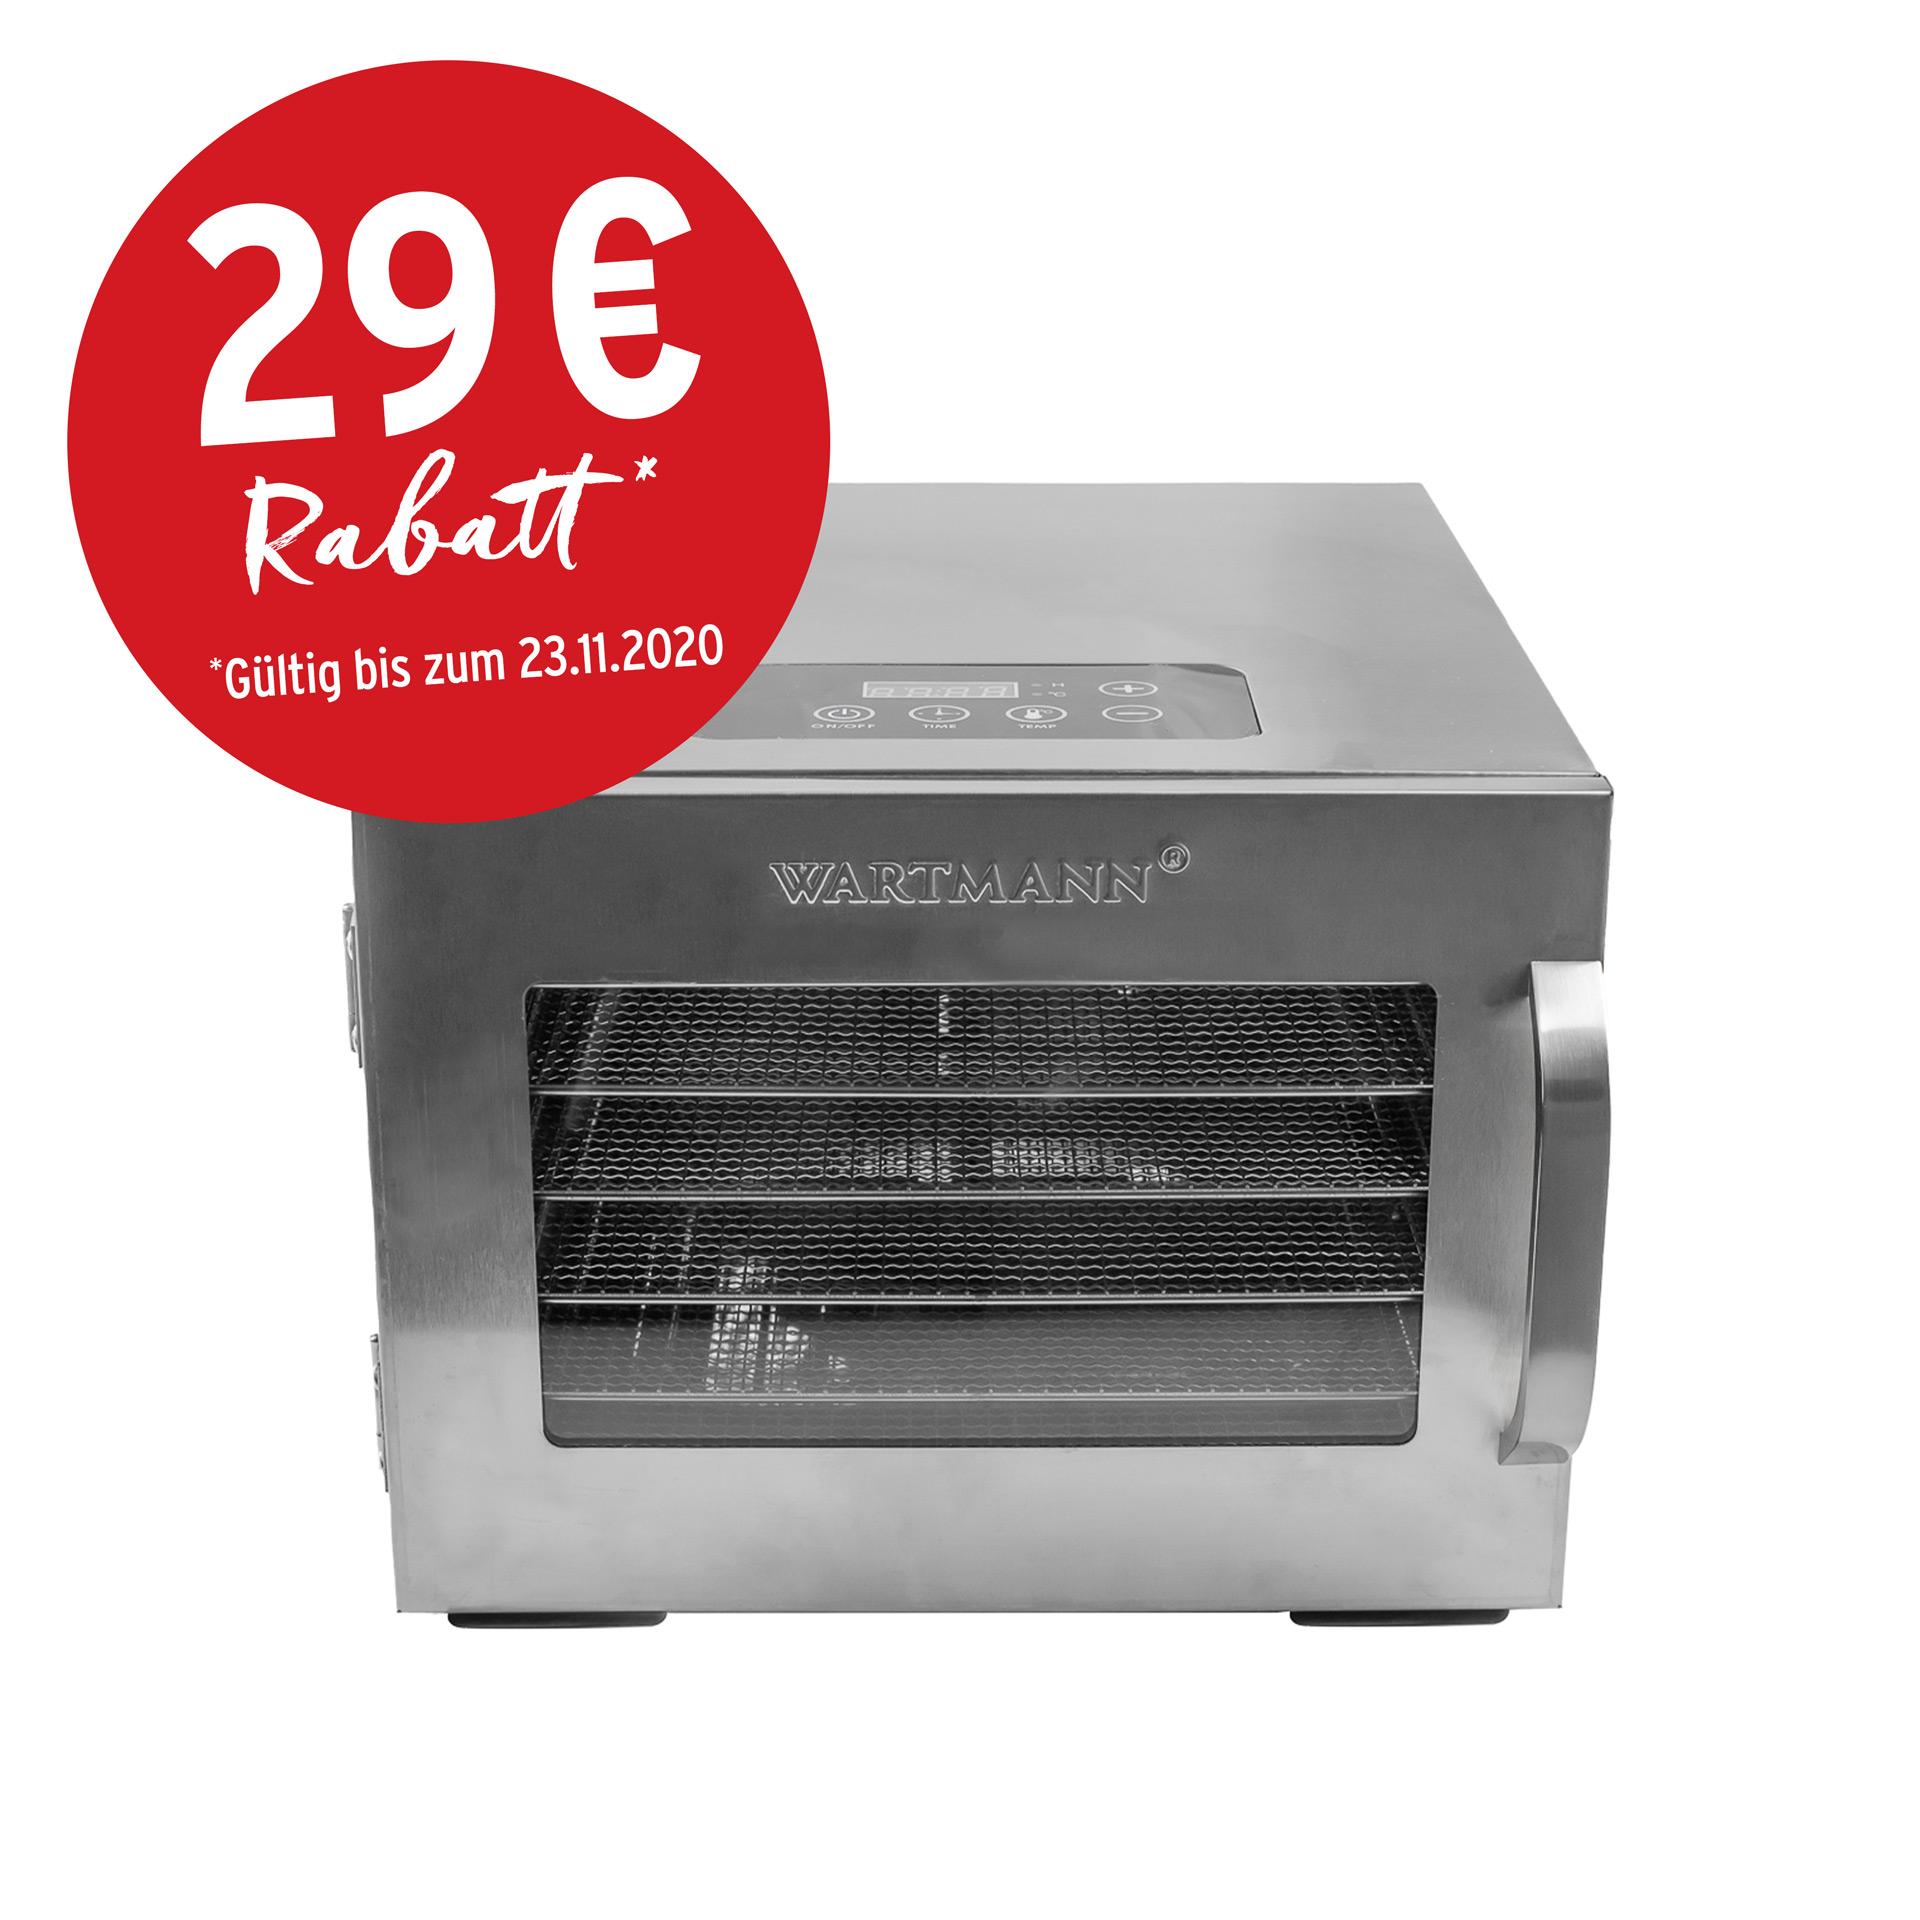 Wartmann Edelstahl-Doerrautomat WM 200  DH Frontalansicht Einfuehrungspreis